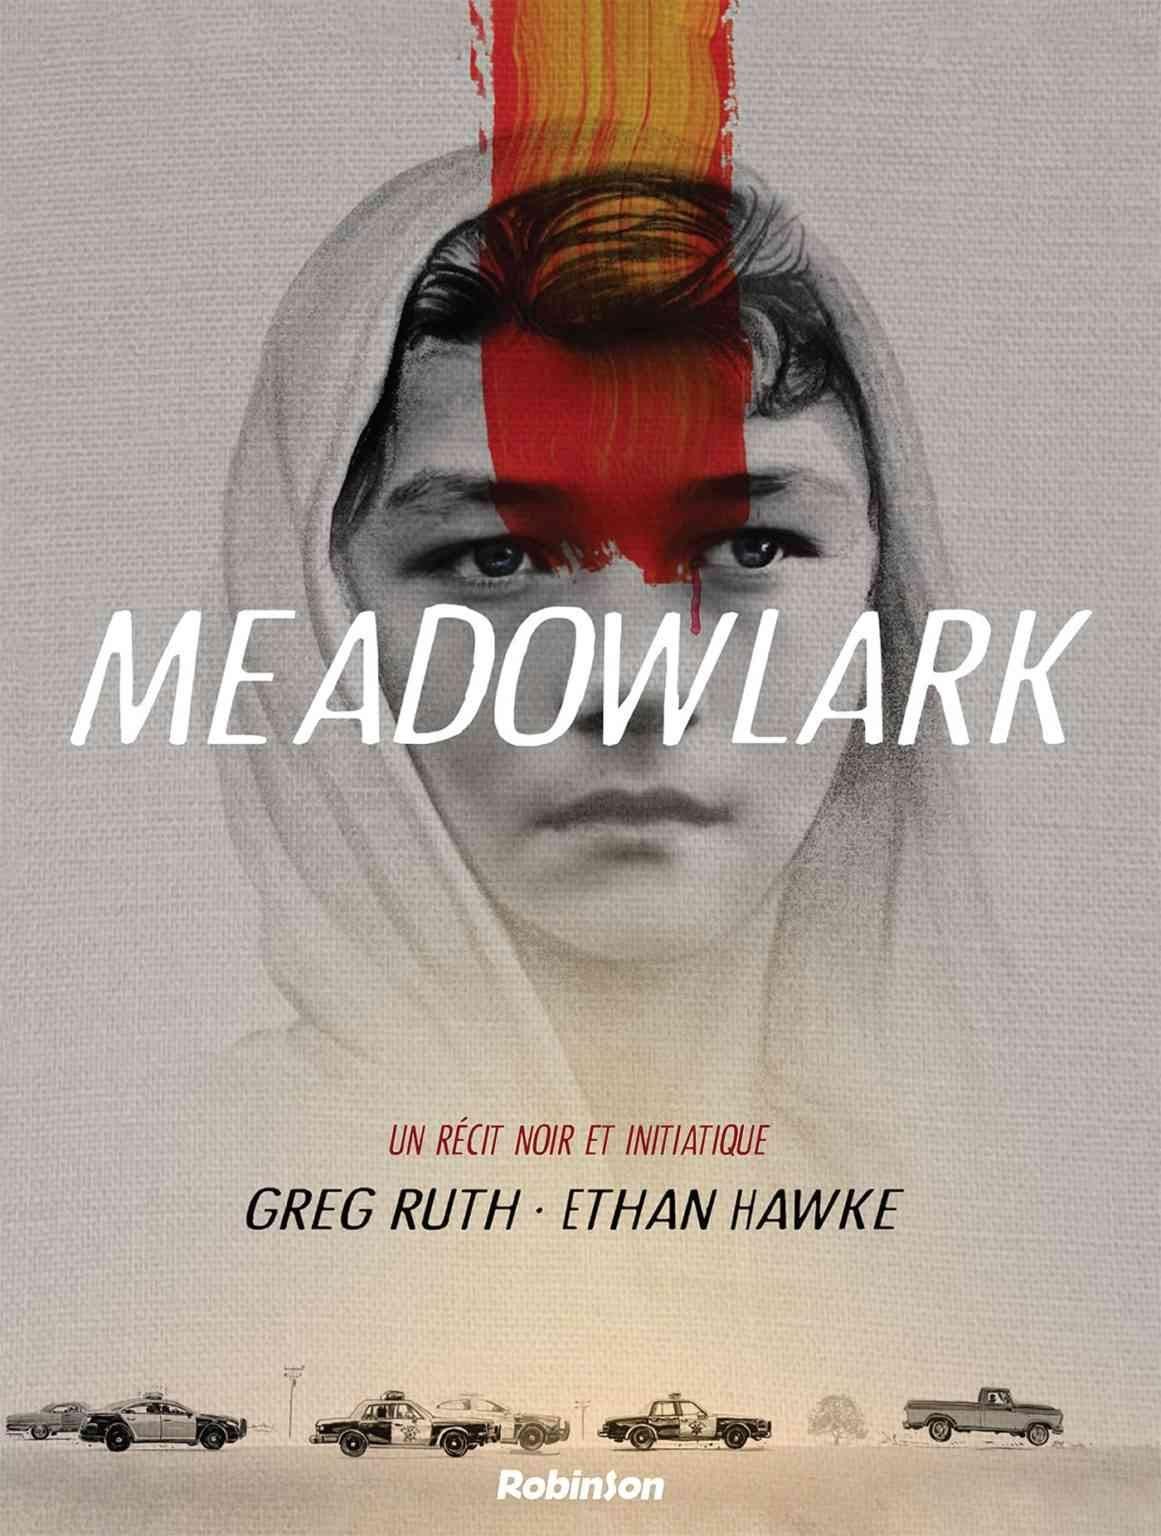 Meadowlark-1161x1536